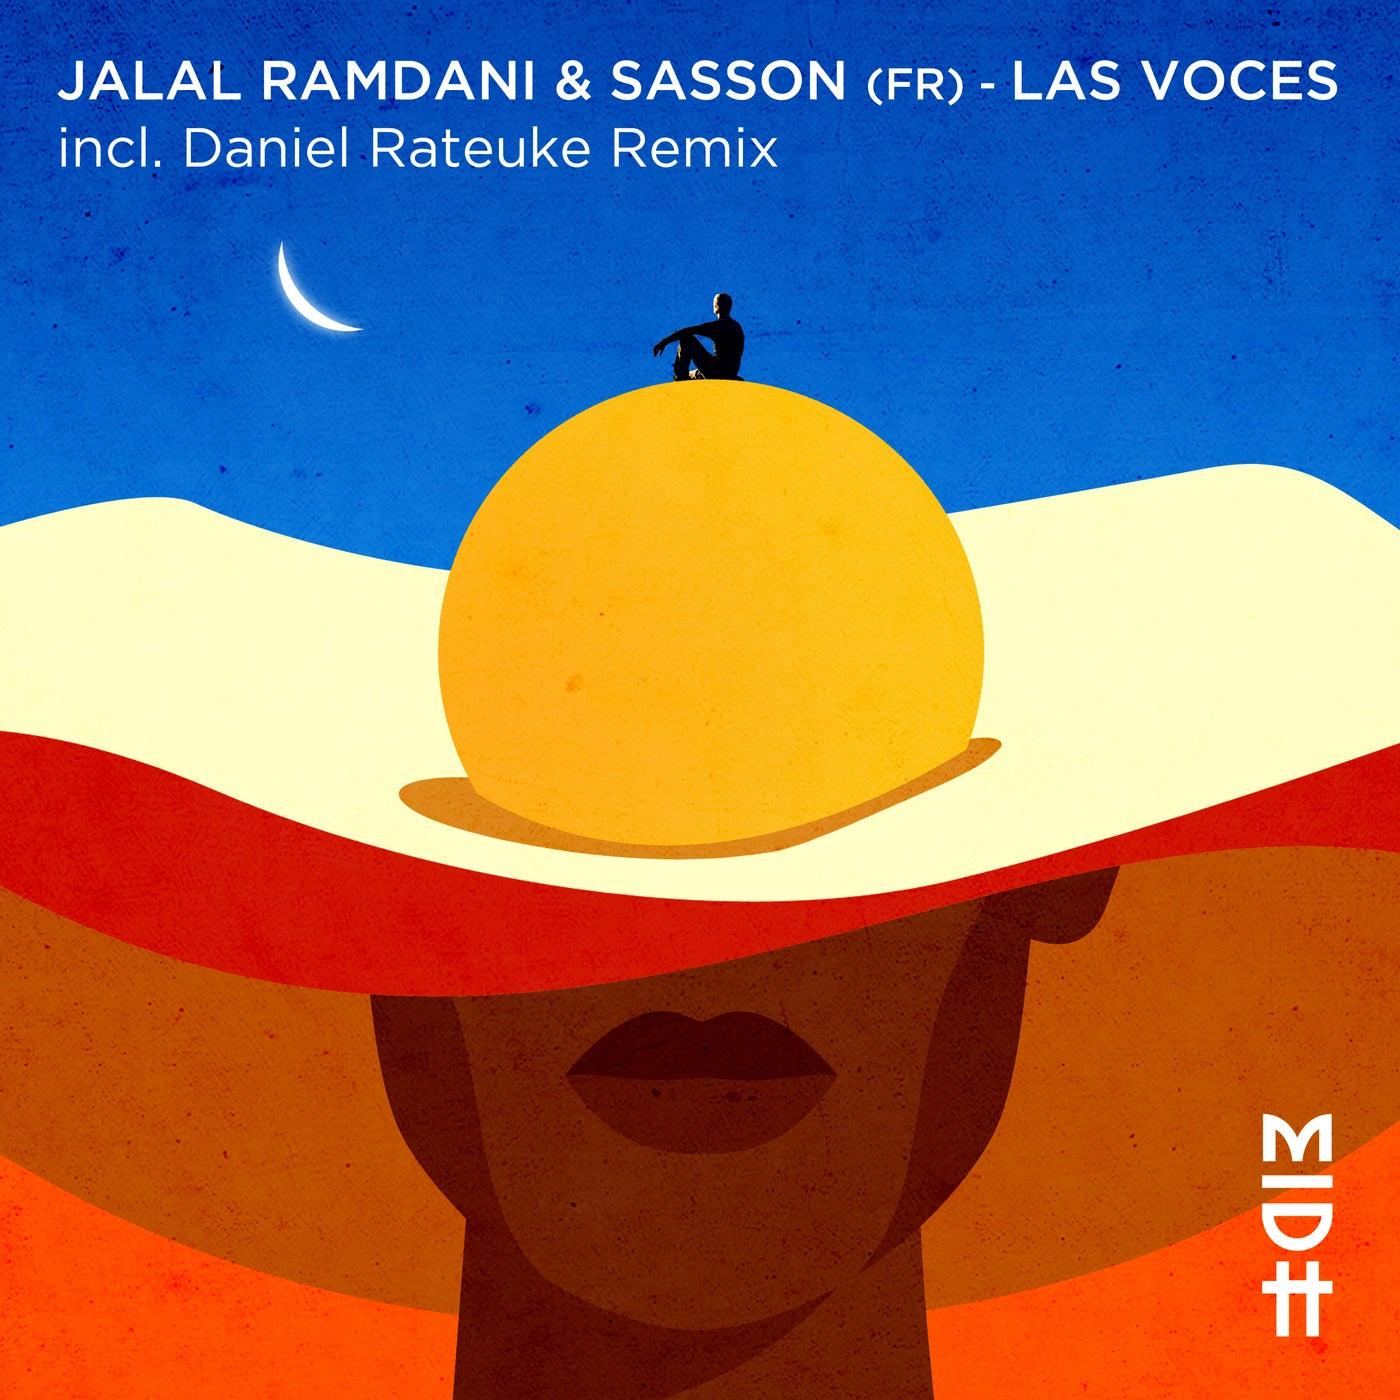 Las Voces (Daniel Rateuke Remix)